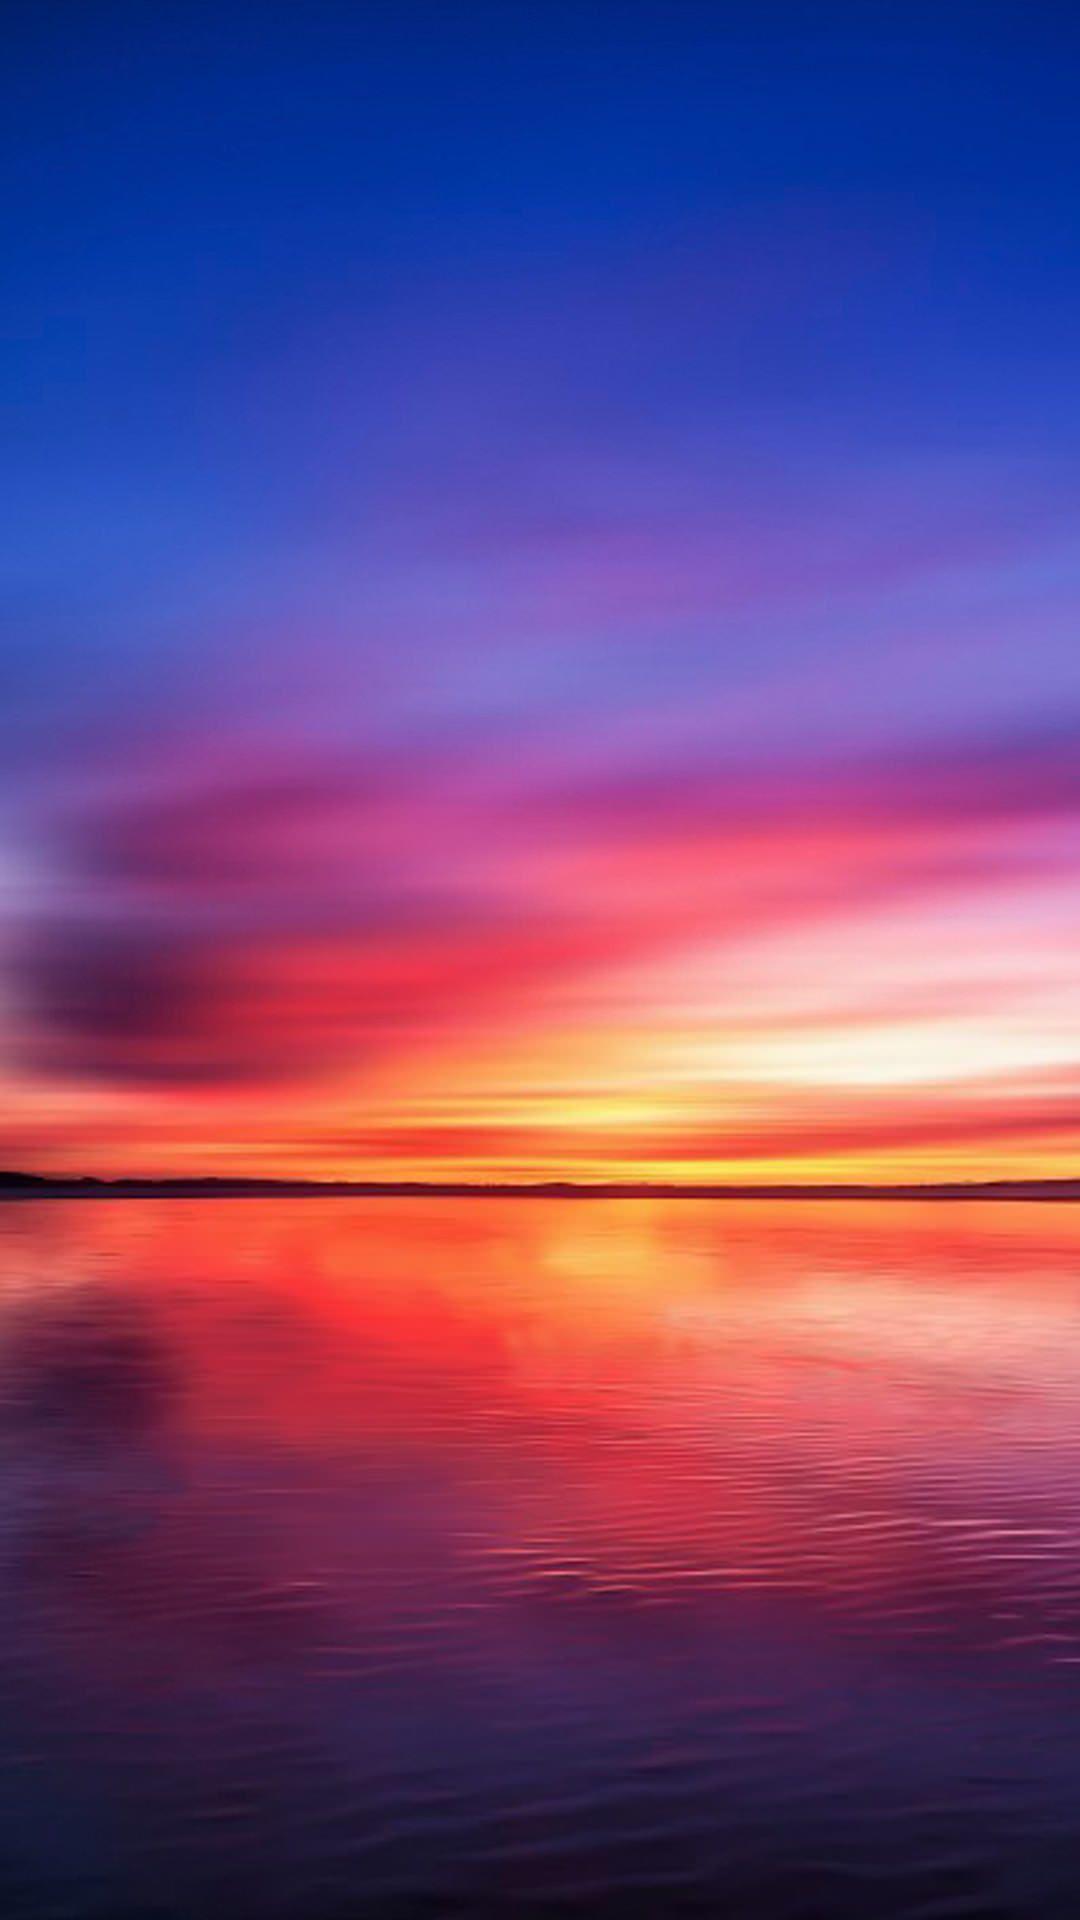 夕暮れ時の海 Iphone6 Plus 壁紙 ビーチの壁紙 美しい風景写真